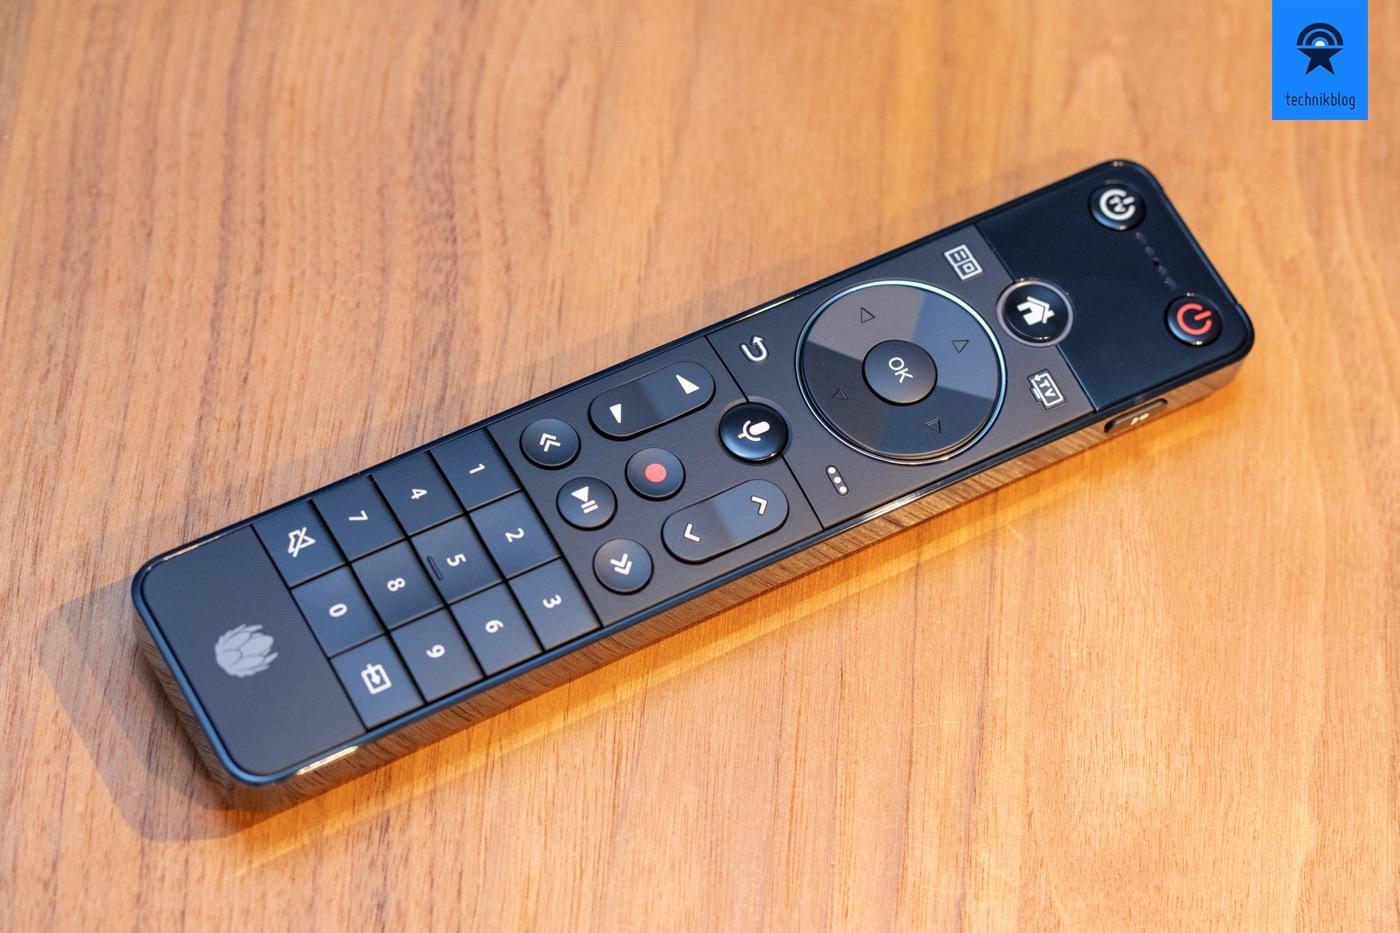 Fernbedienung der UPC TV Box